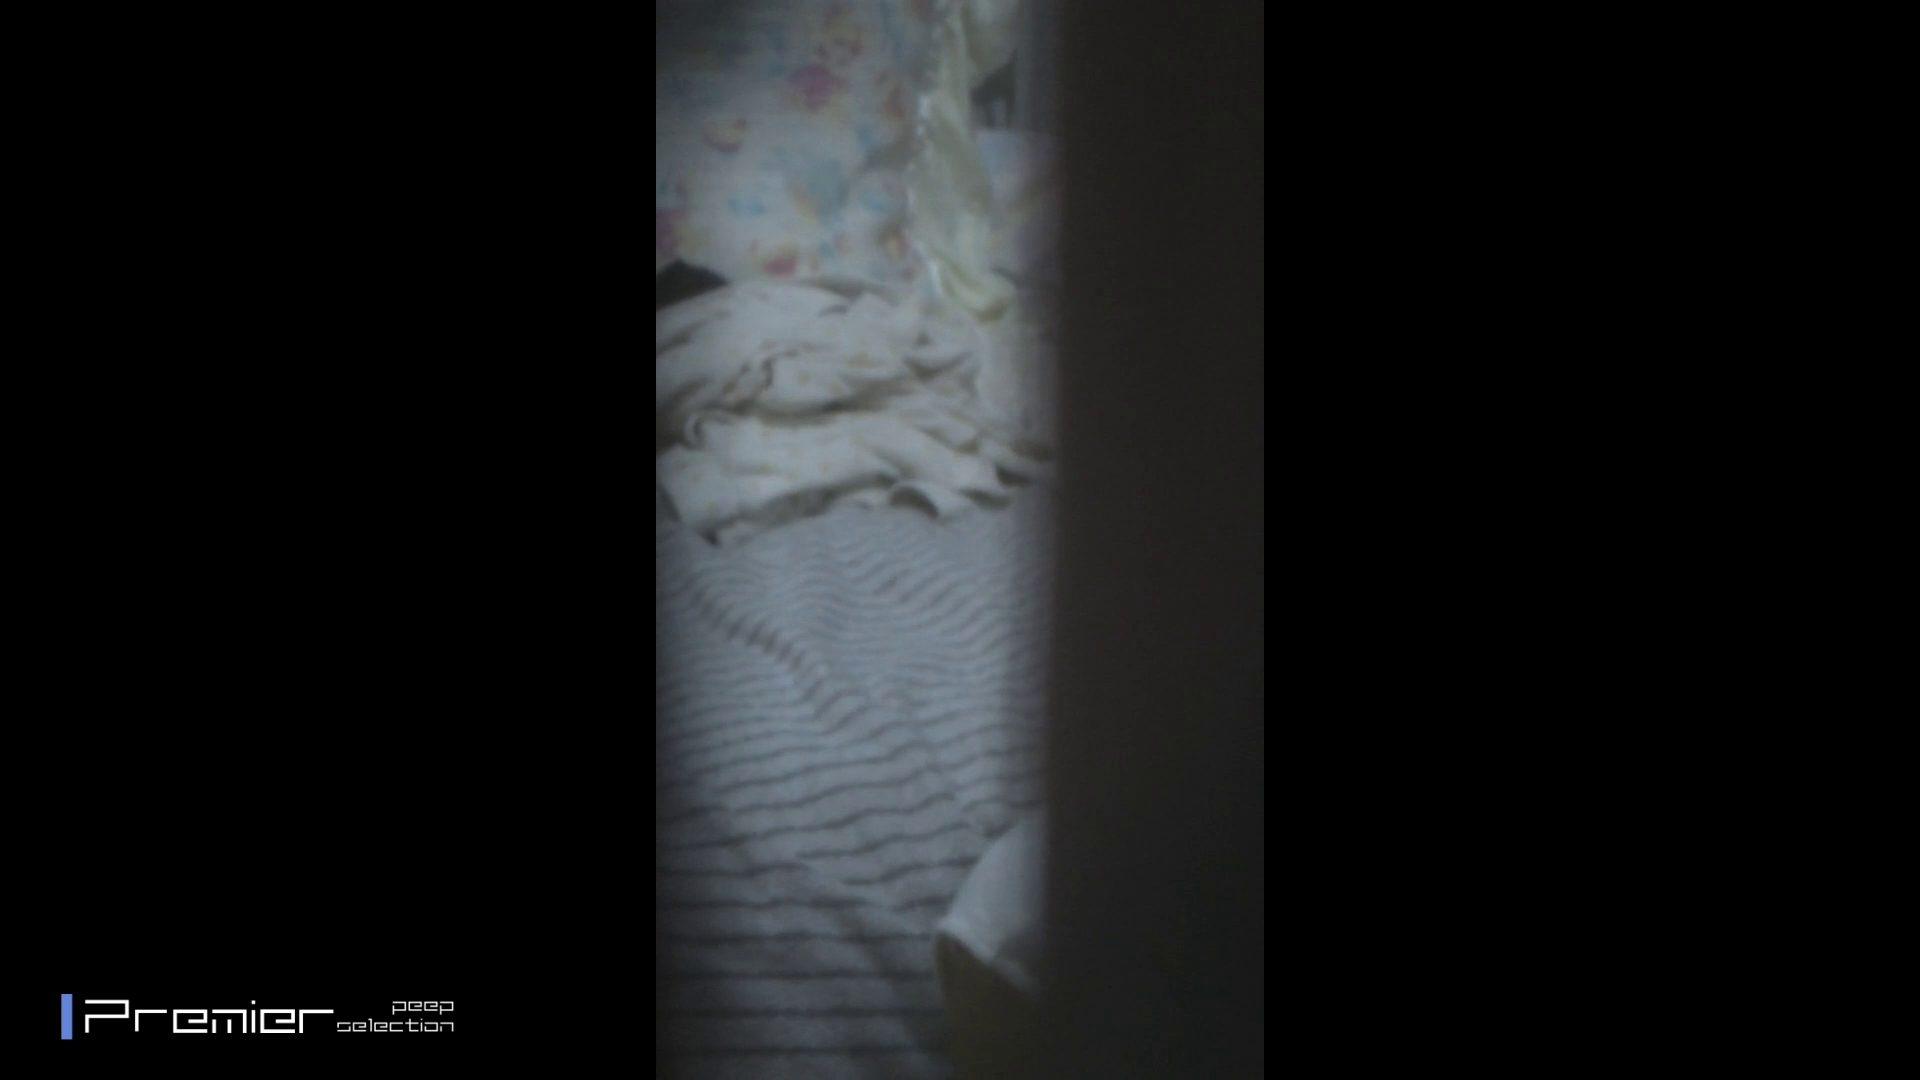 美女達の私生活に潜入!超絶美人!!仲良しOLお泊りヌード 高画質 AV無料動画キャプチャ 101画像 82